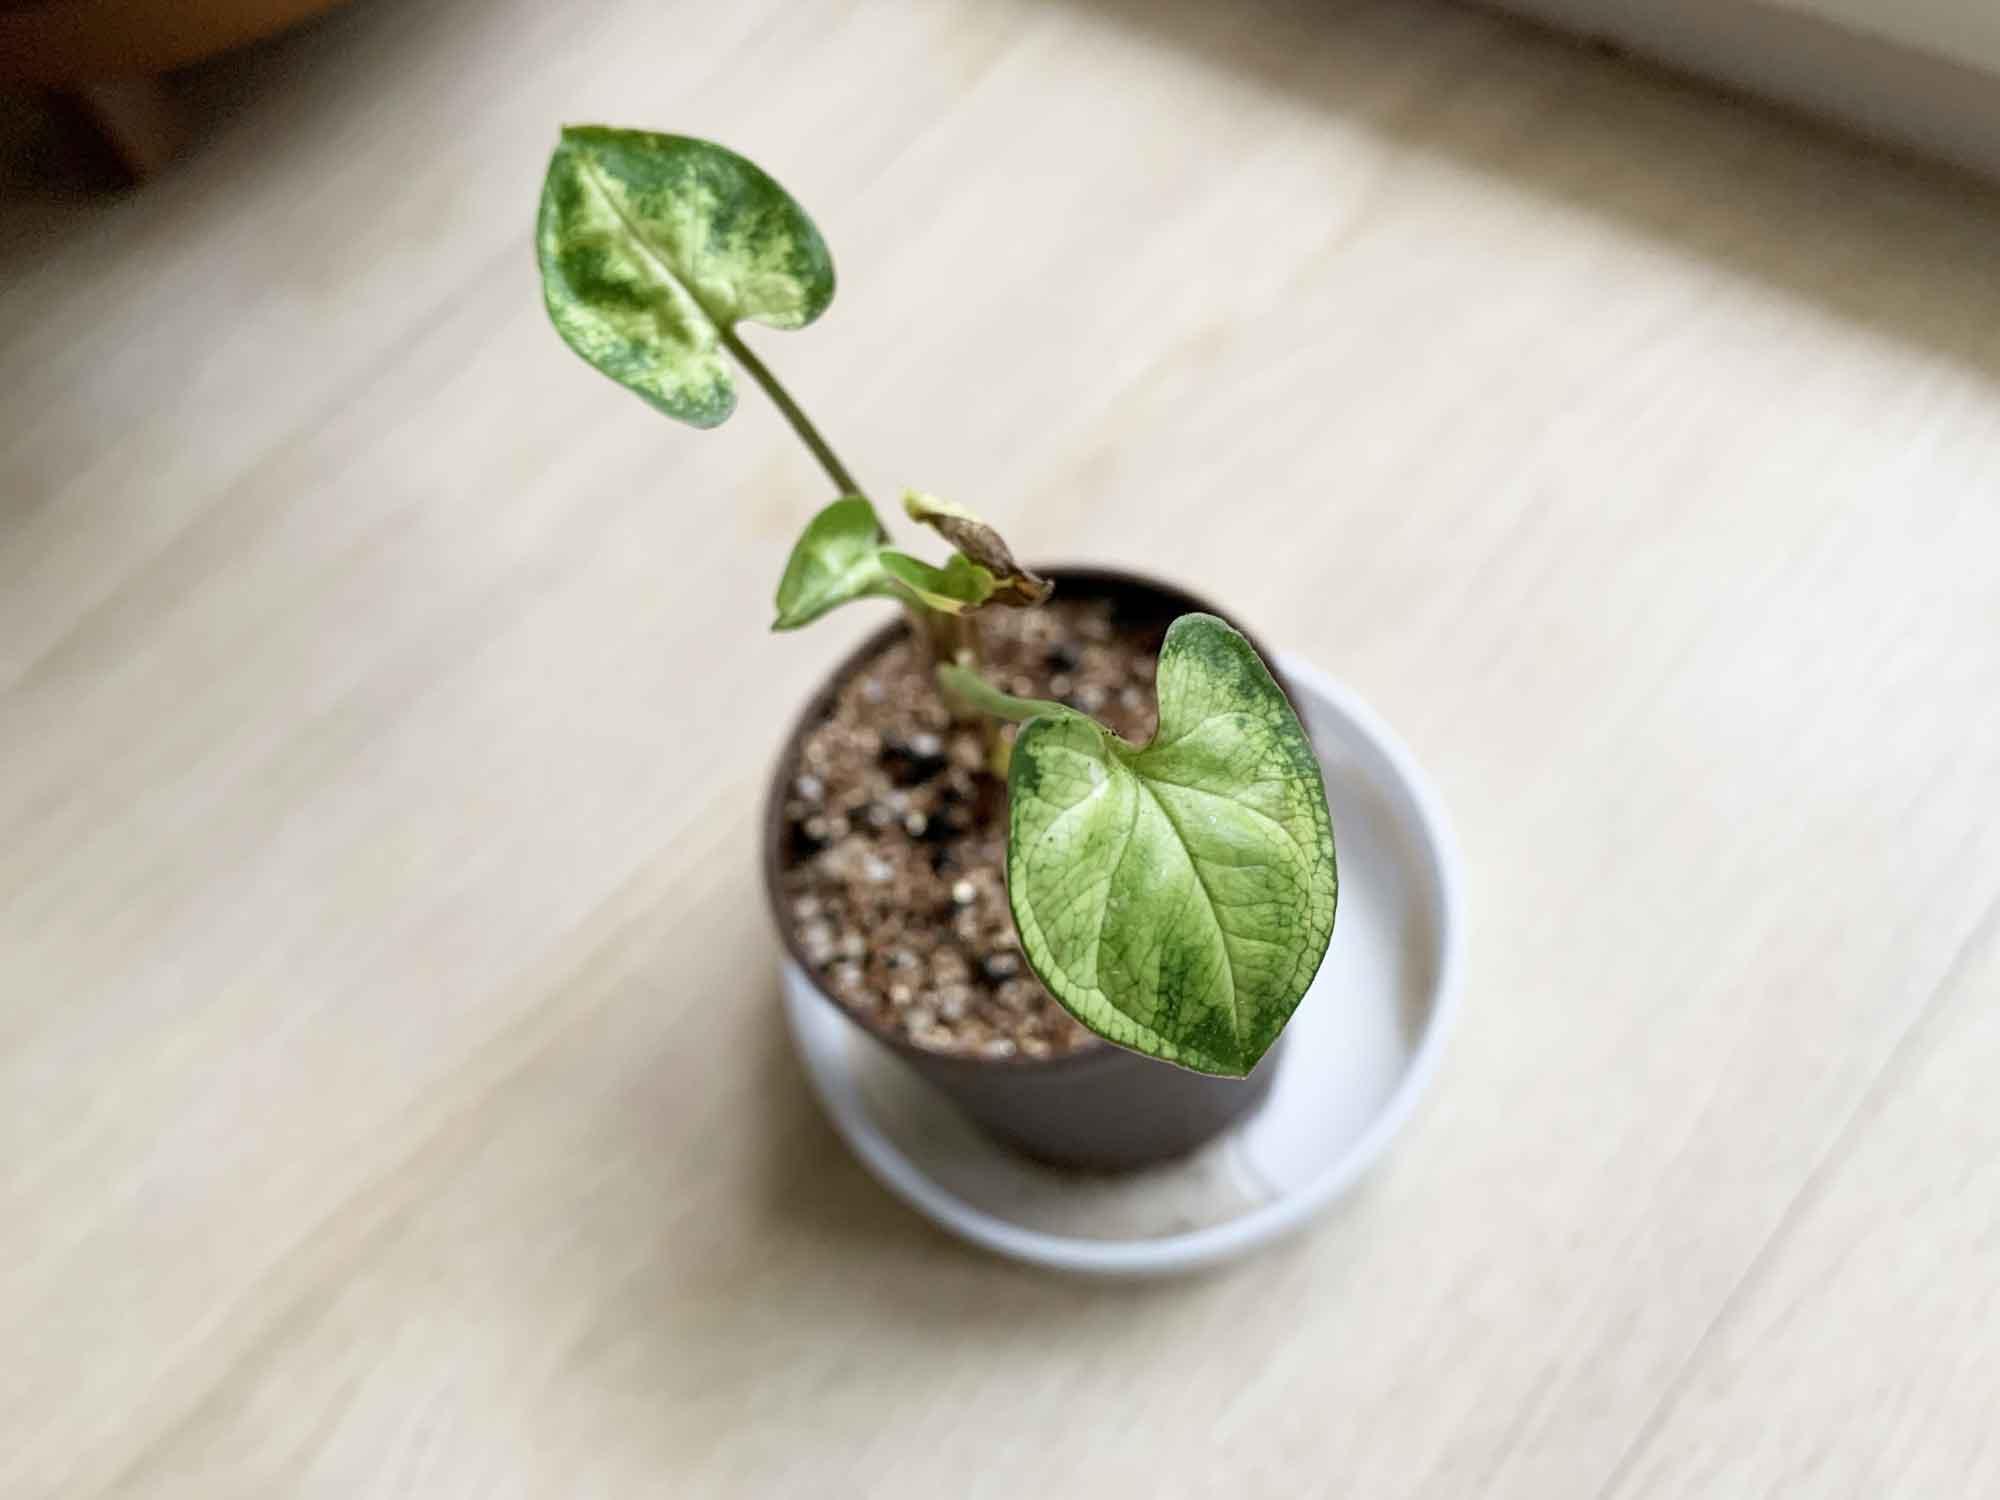 苔玉から植え替えられた小さいシンゴニウム